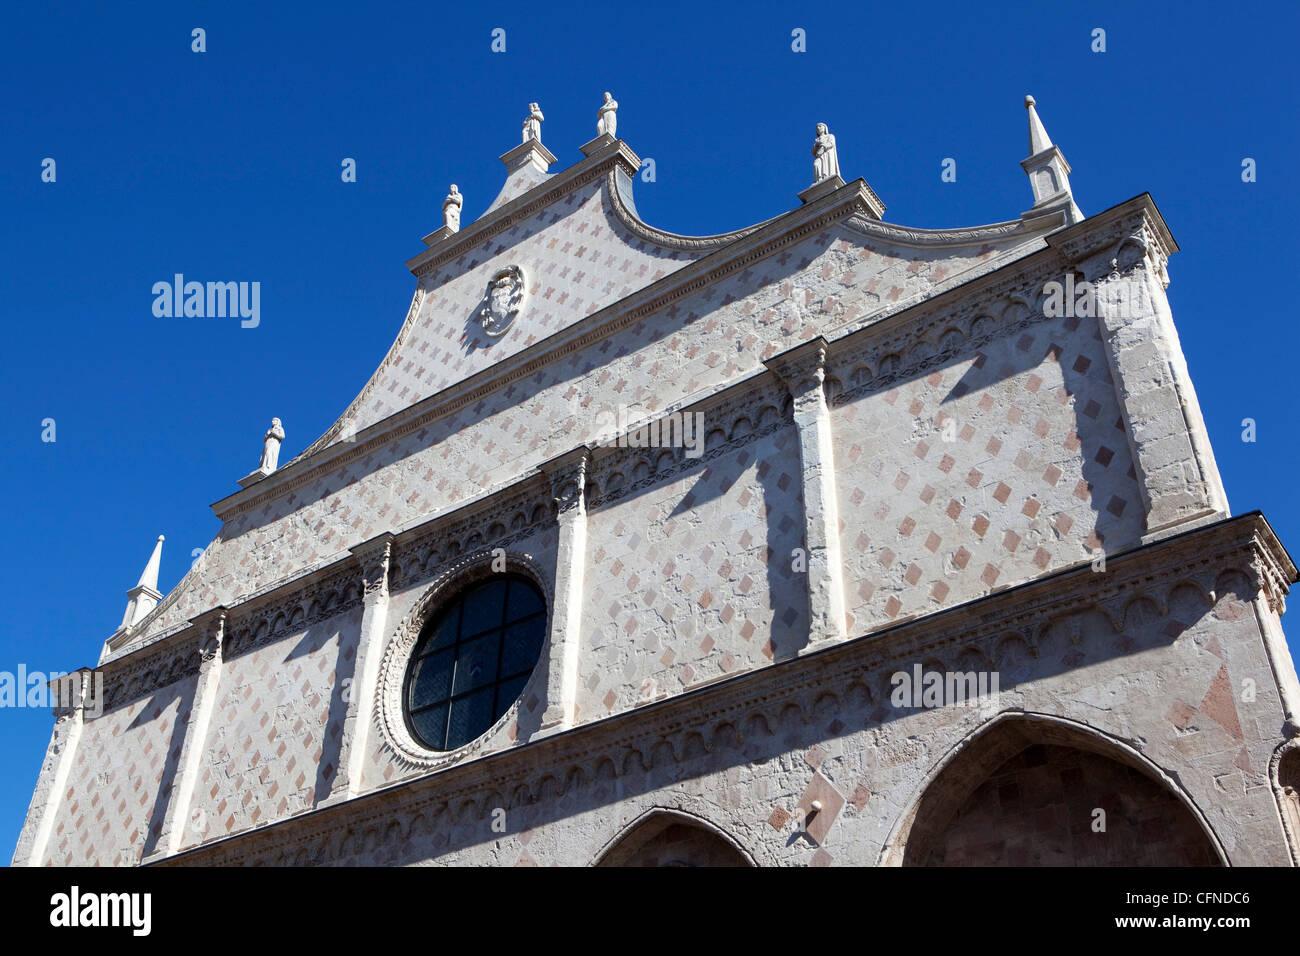 La chiesa di San Corona, Vicenza, Veneto, Italia, Europa Immagini Stock